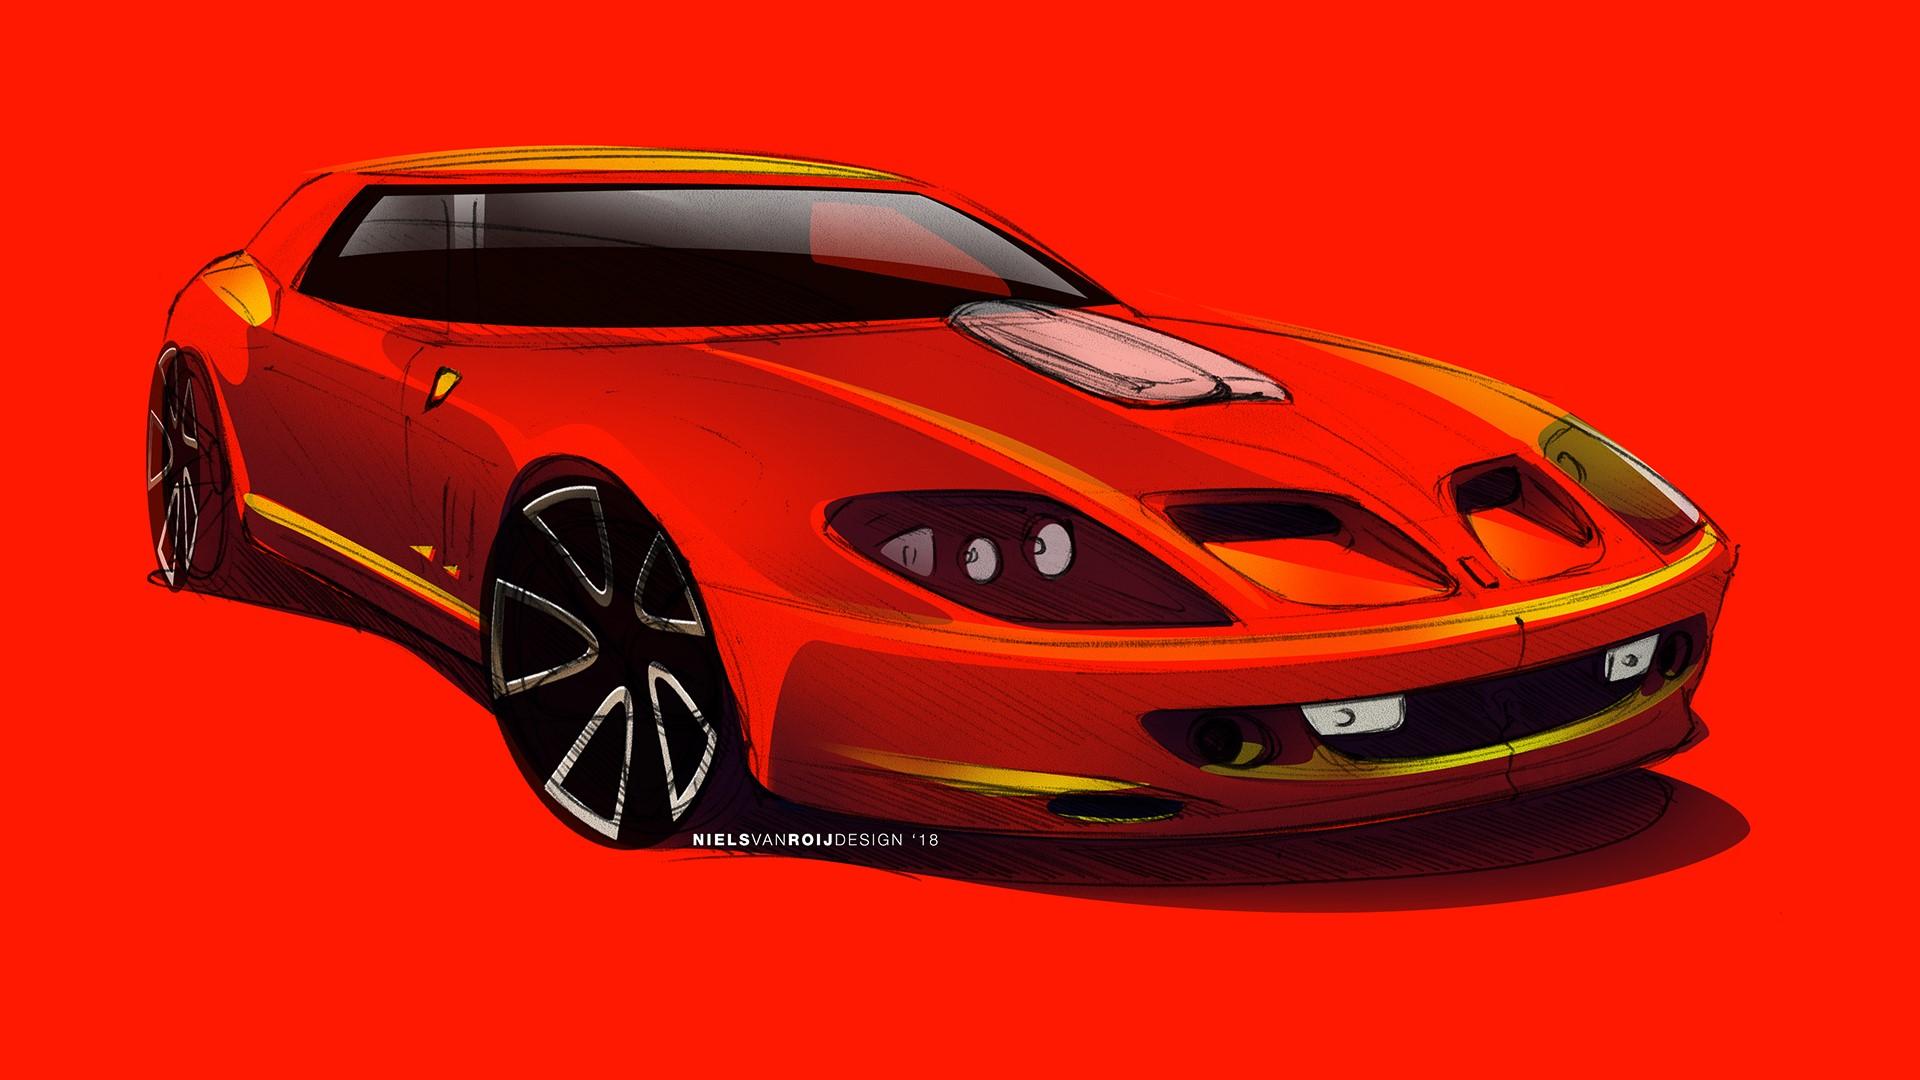 18 12 26 Niels van Roij Design - Breadvan Hommage ideation 012